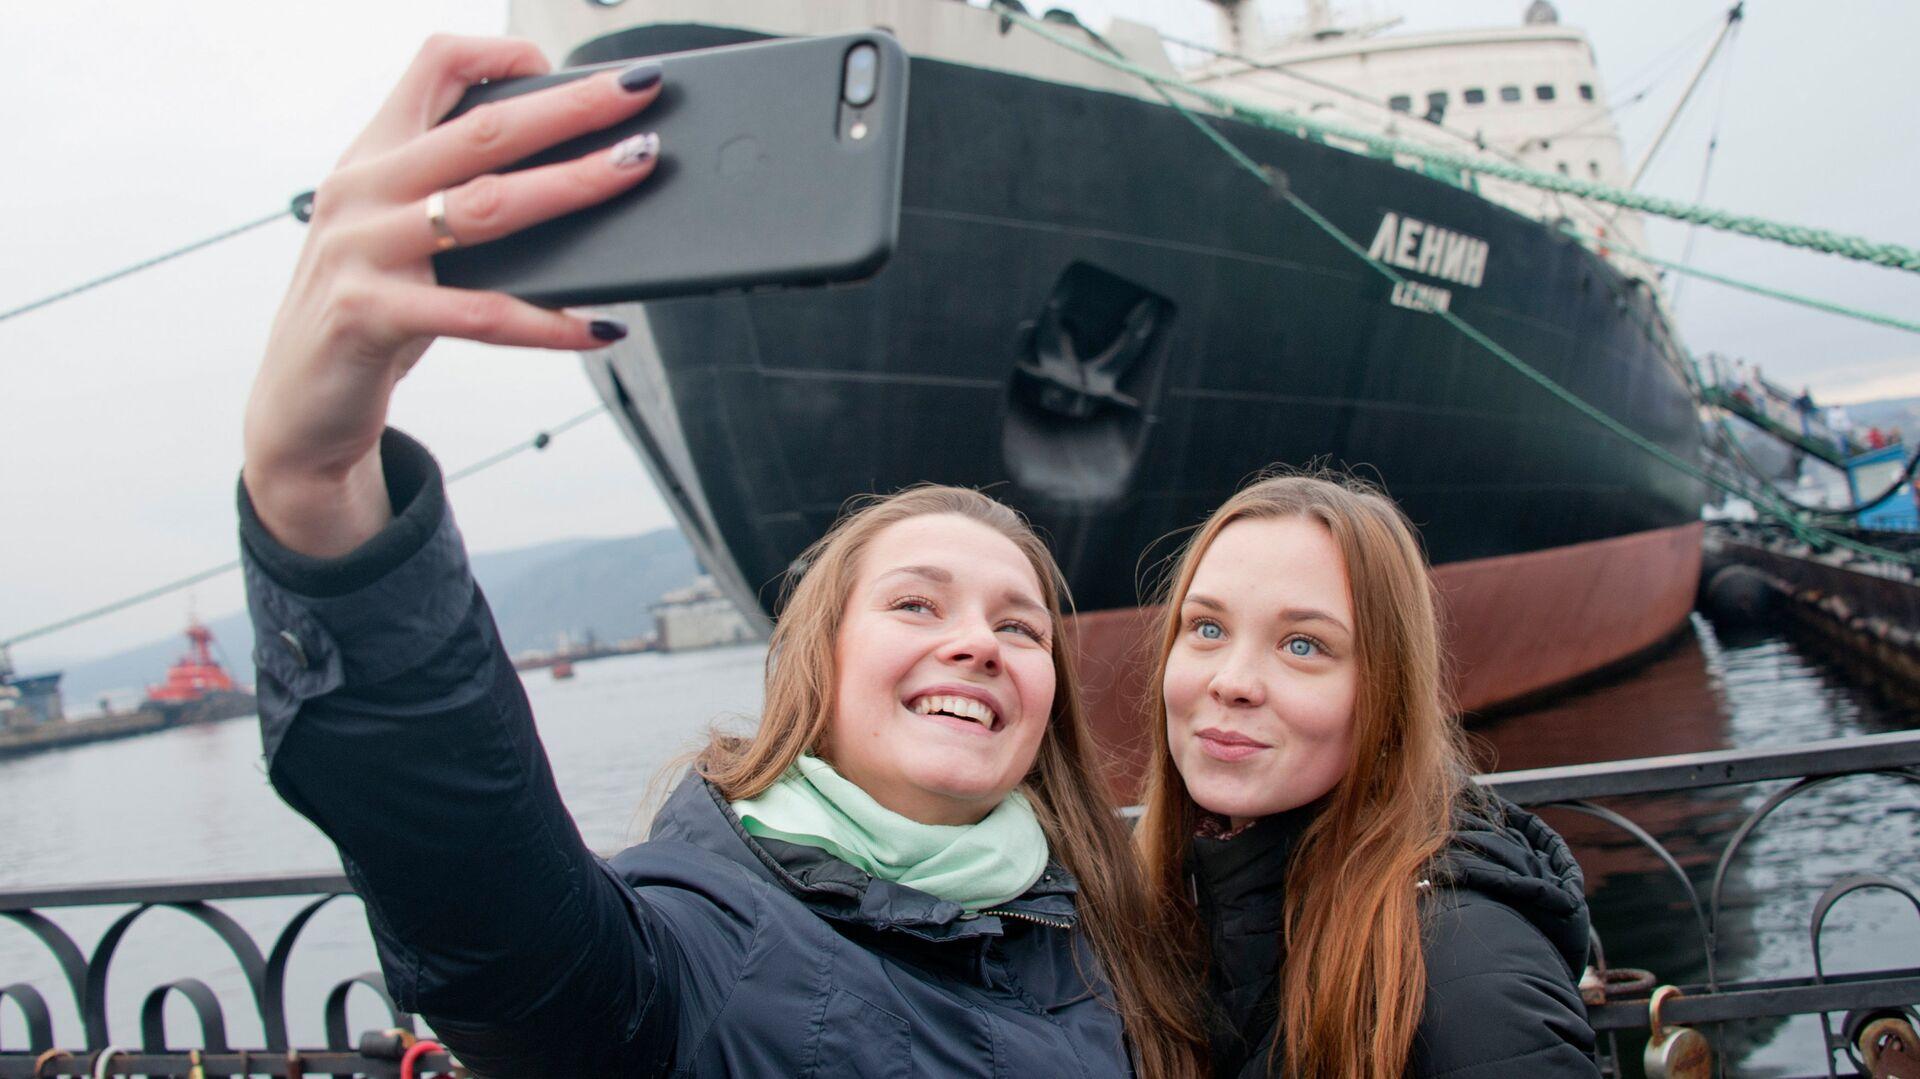 Девушки фотографируются перед музеем-ледоколом Ленин в Мурманске - РИА Новости, 1920, 22.03.2021